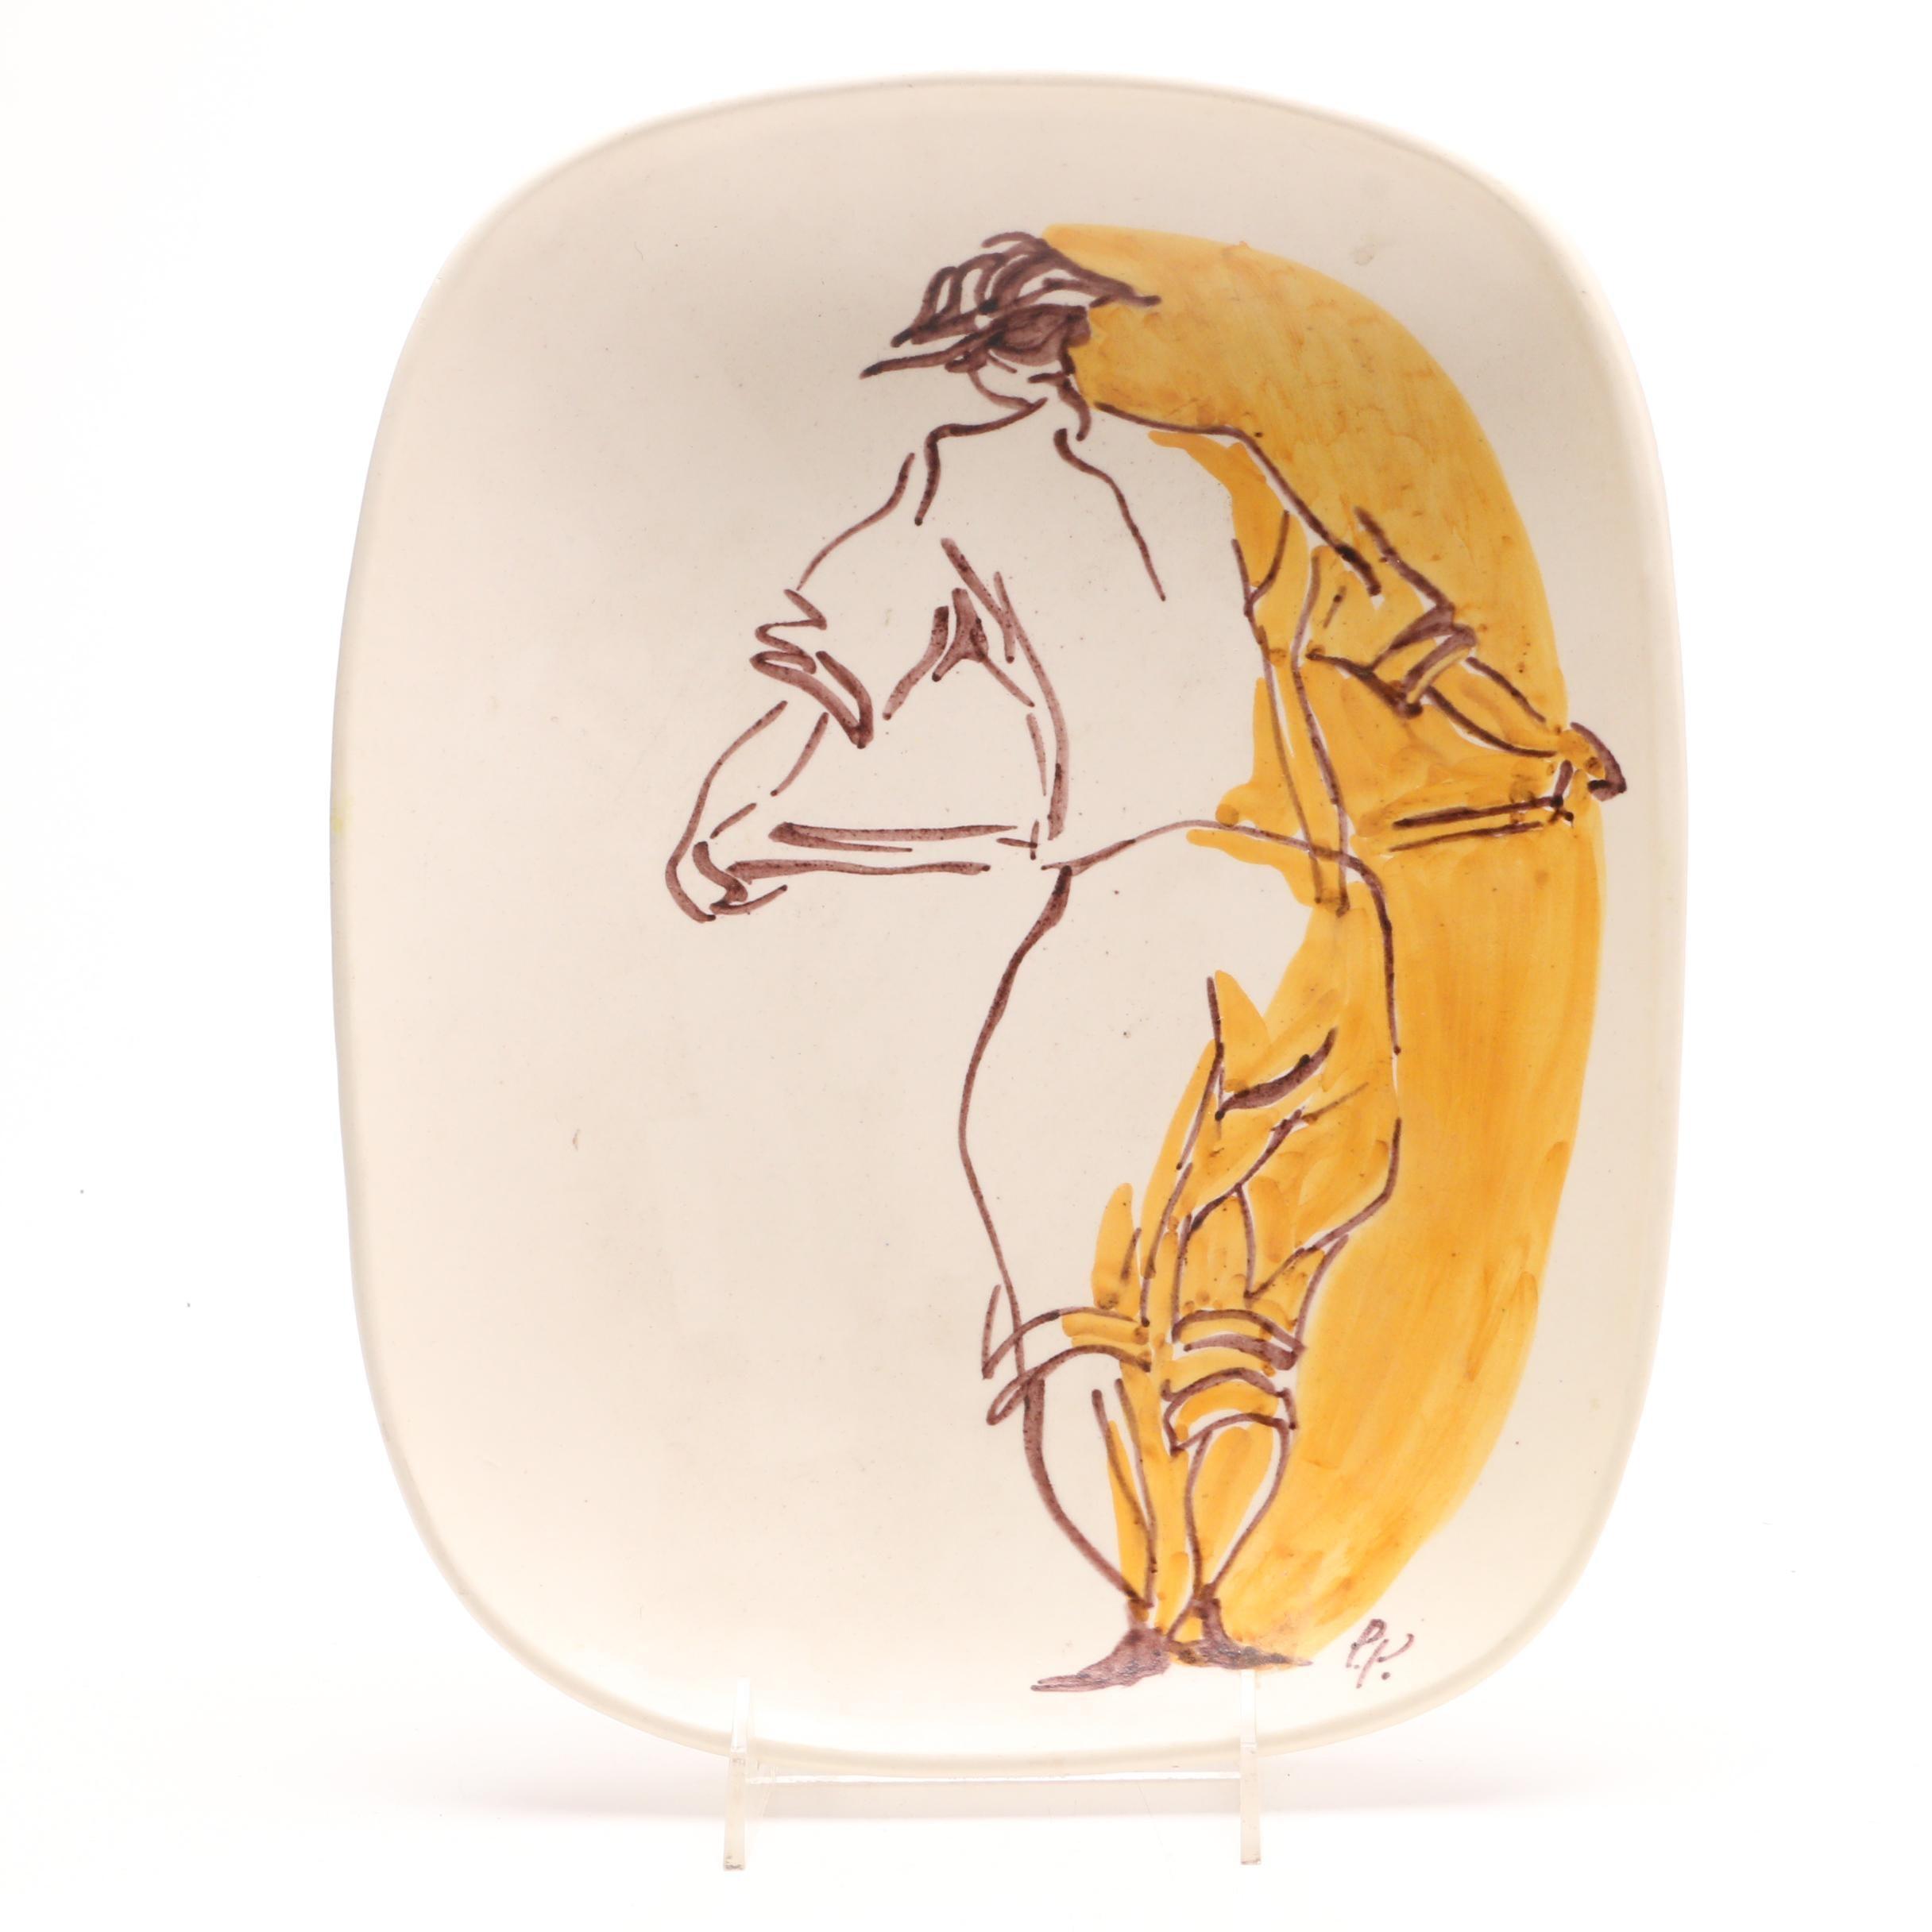 Vintage Agostinelli dal Pra Ceramic Bowl